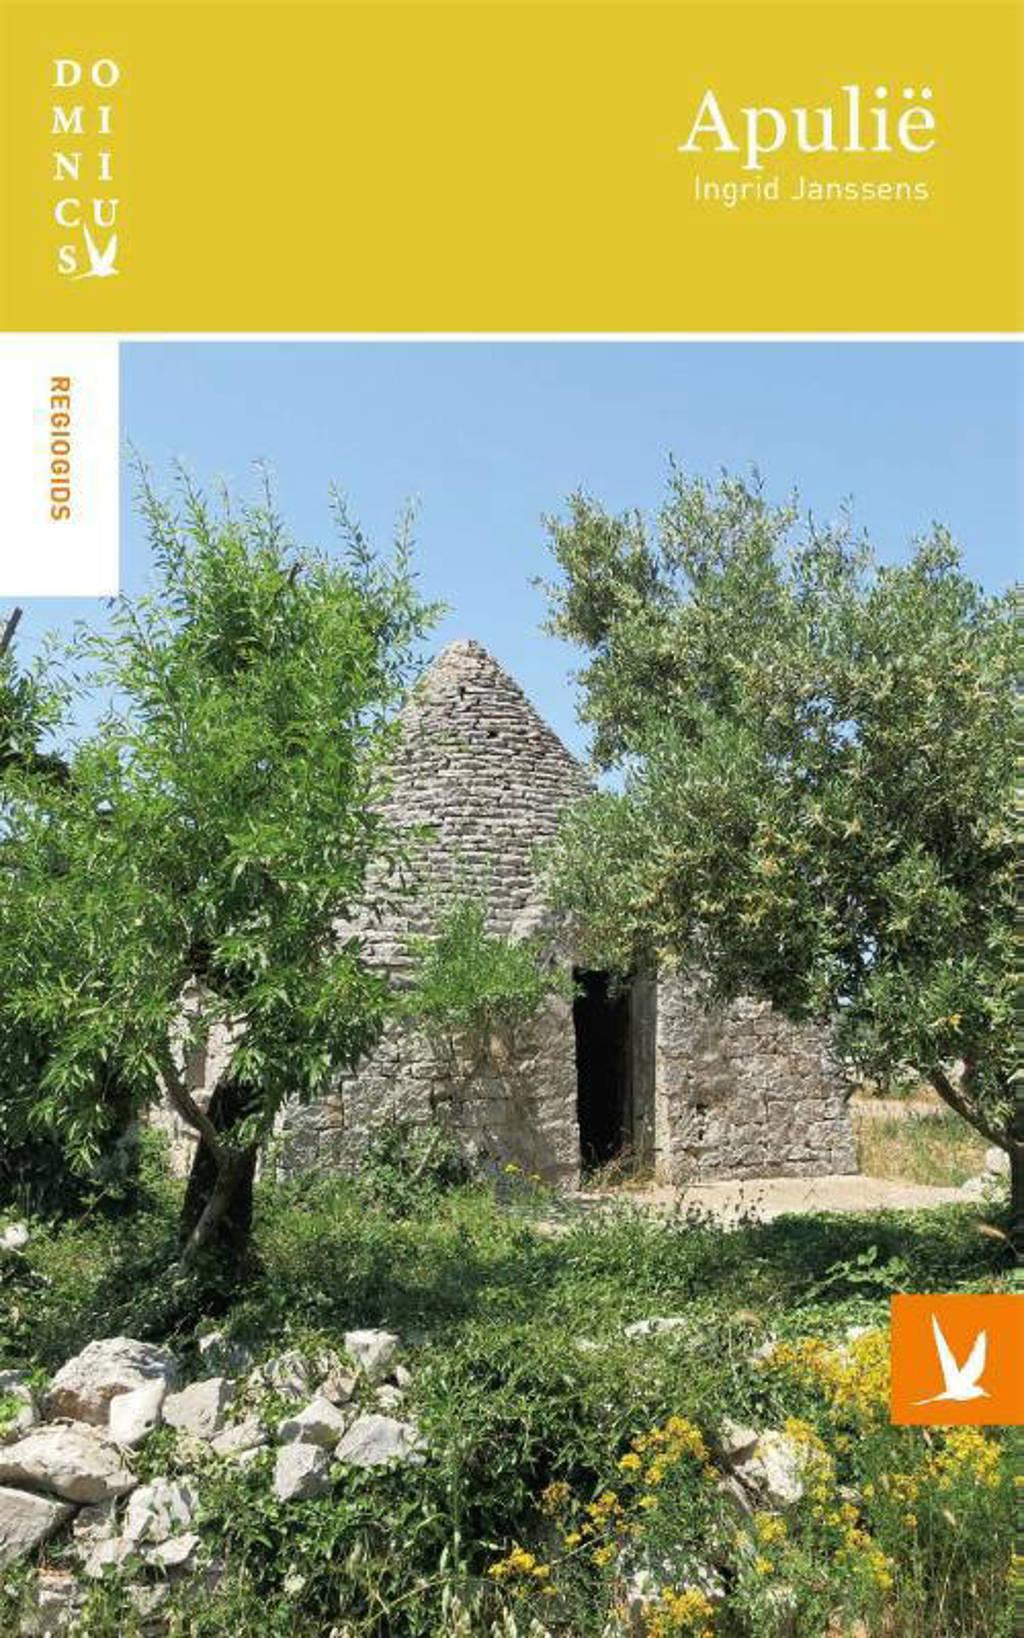 Dominicus Regiogids: Apulië - Ingrid Janssens